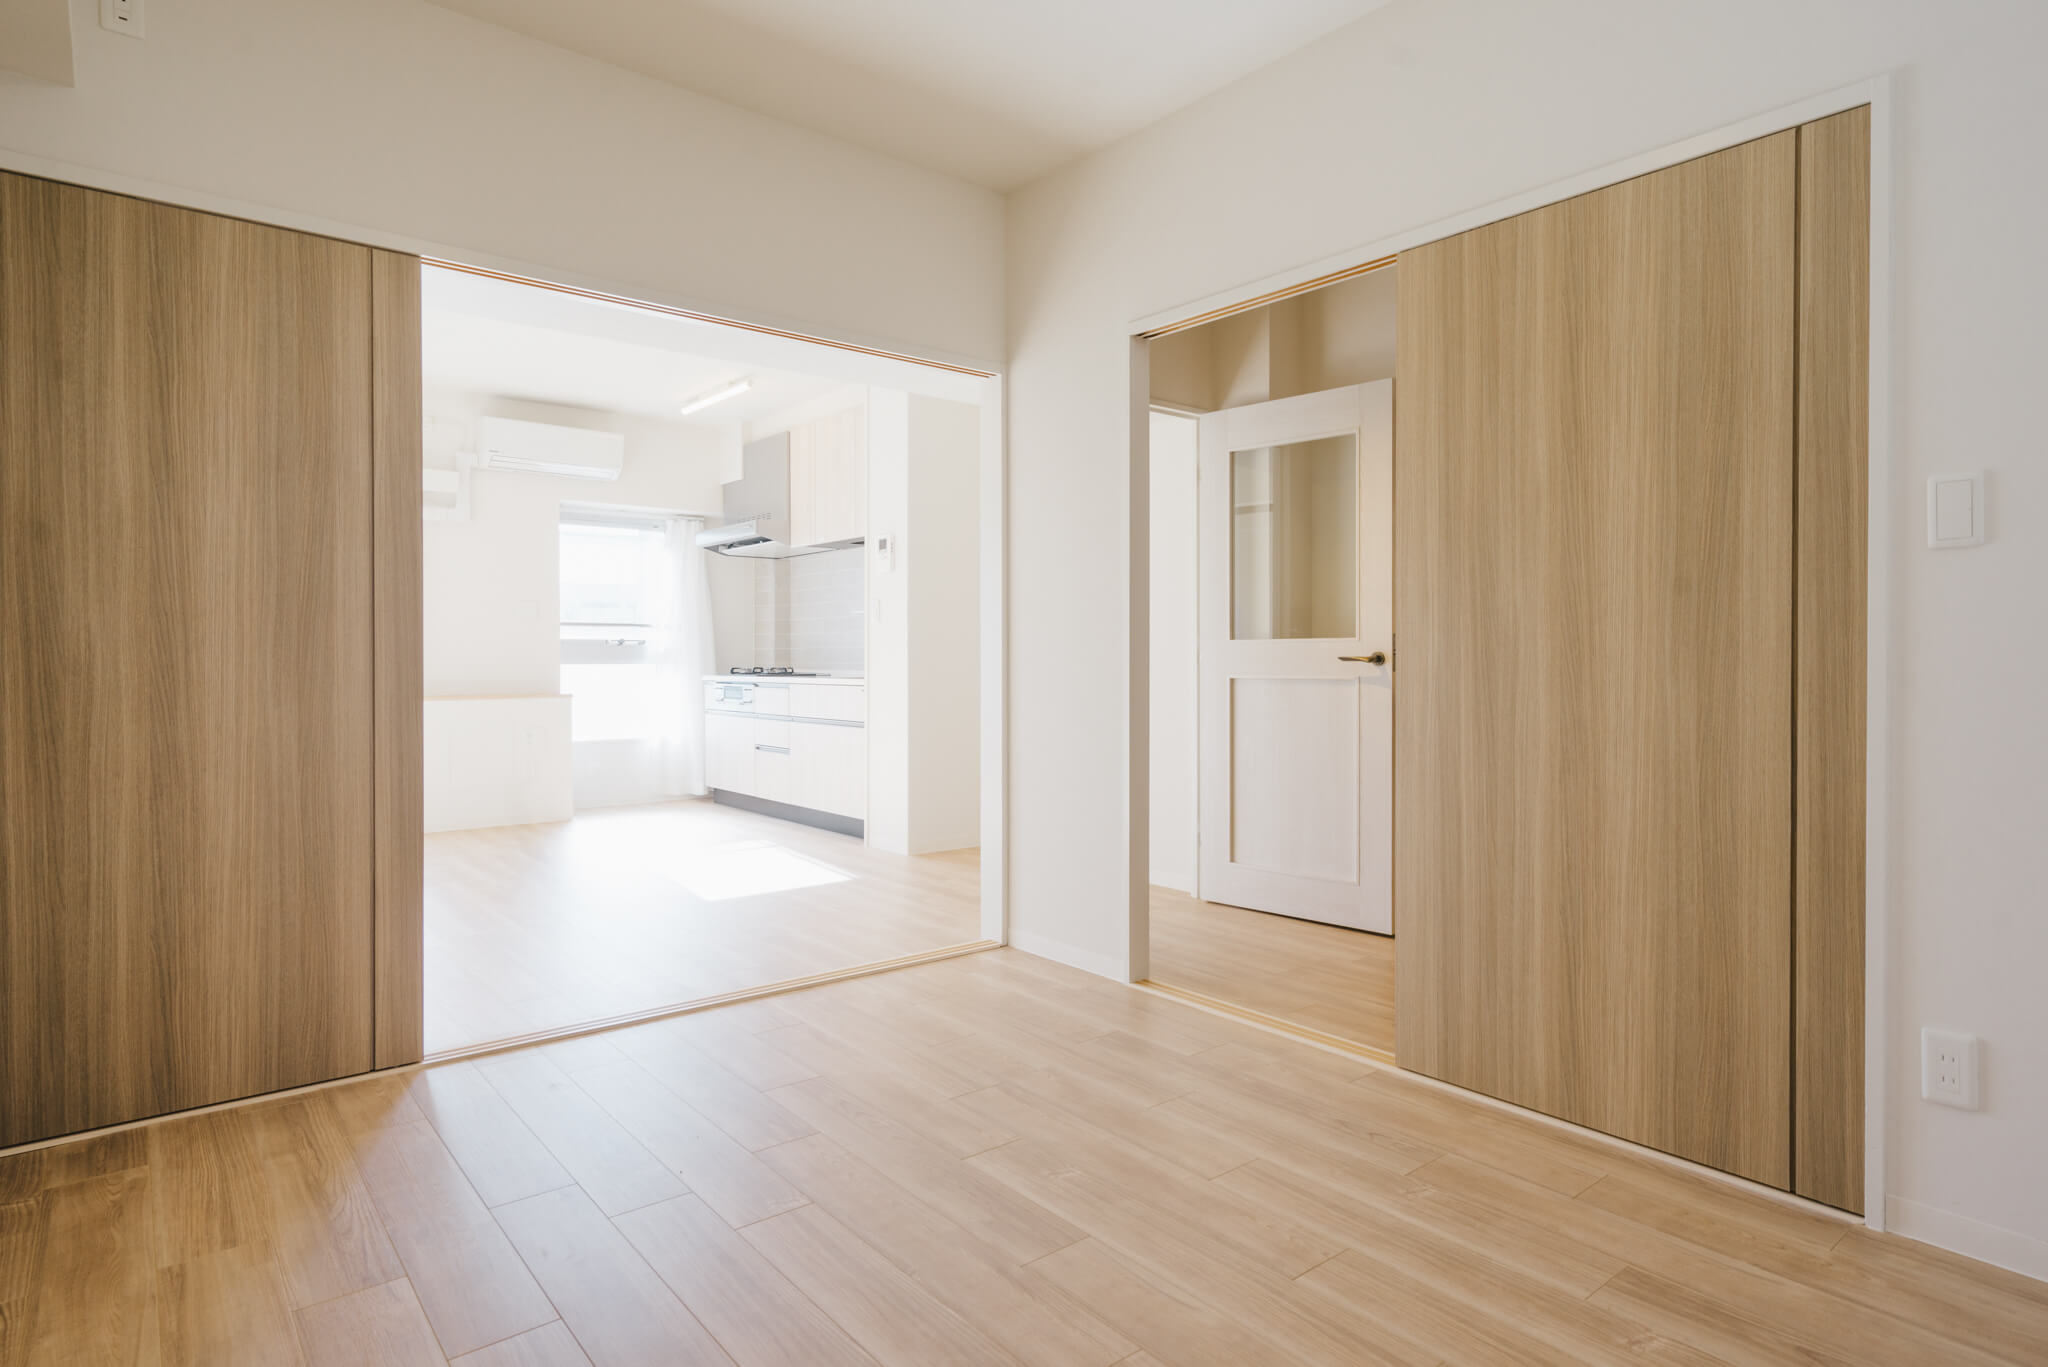 奥には、4.5畳の和室をフローリング化したベッドルームがあります。引き戸を開けたまま使うとワンルームのような開放感もあり、いろんな家具配置が楽しめそう。